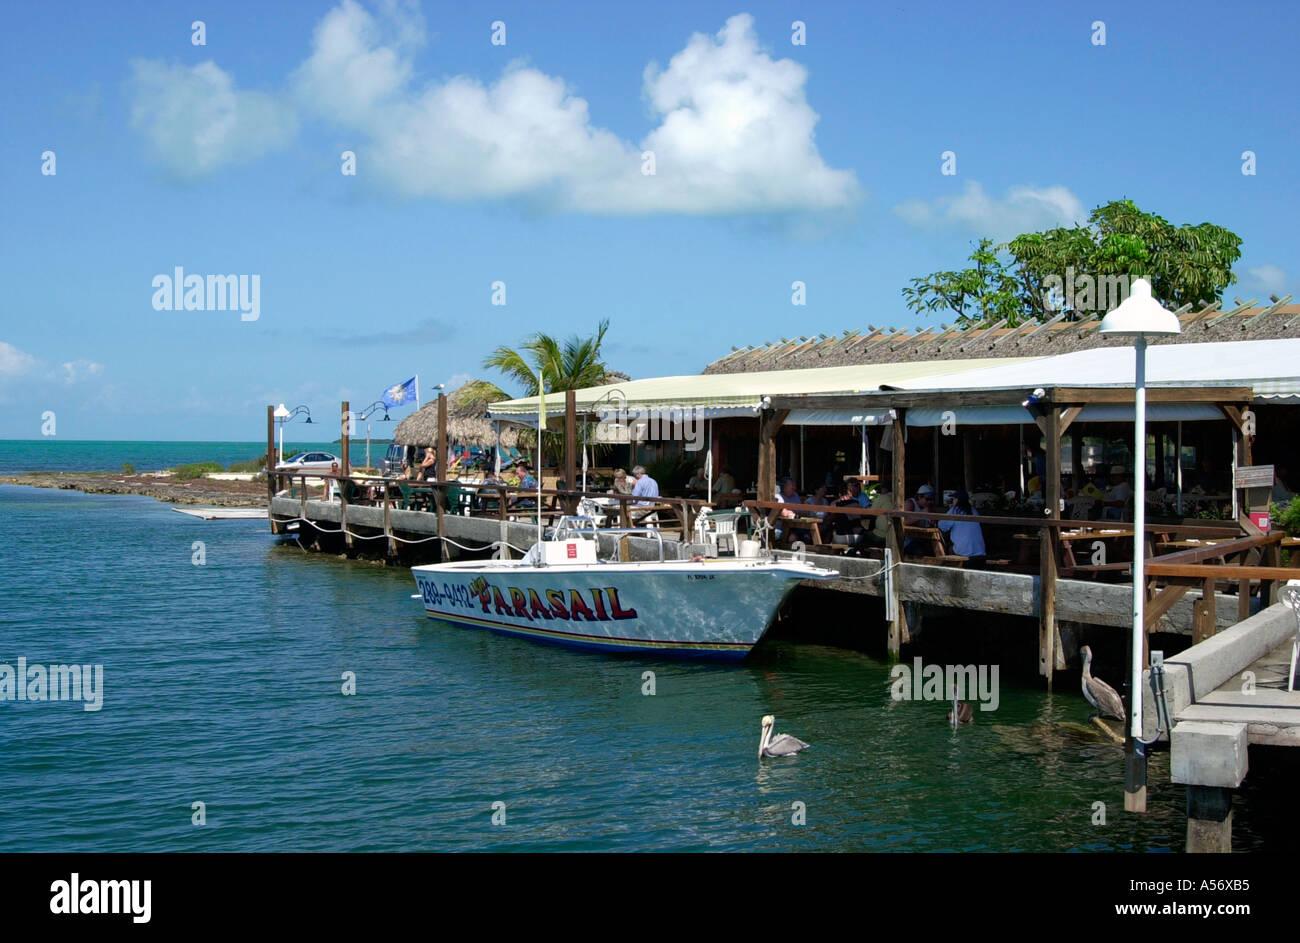 Island Restaurant Marathon Fl